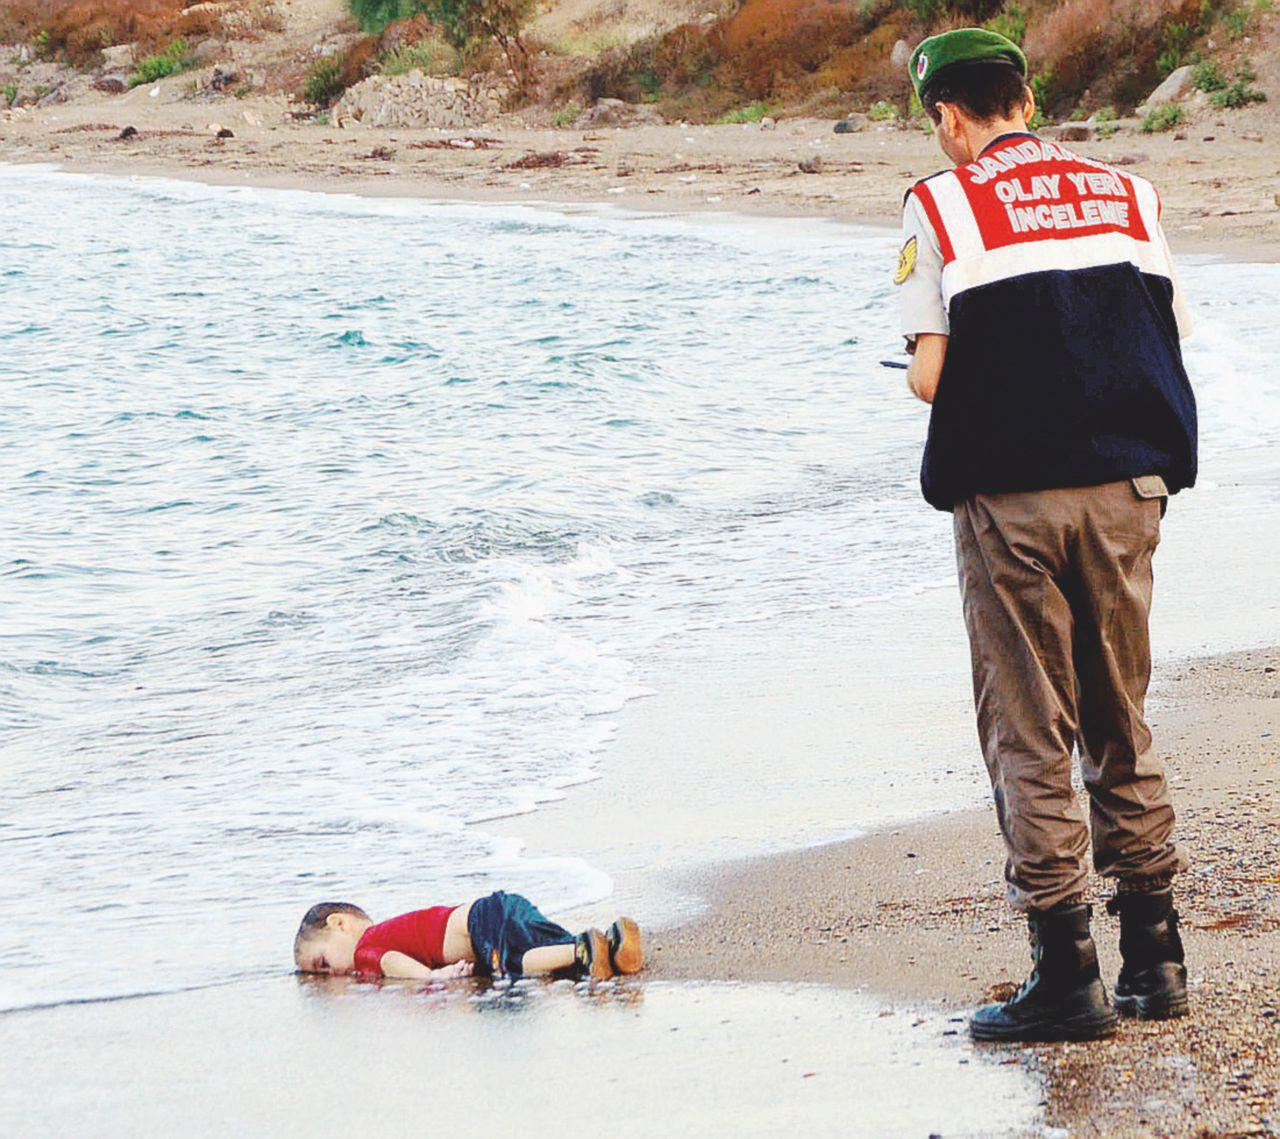 L'esercito dei bambini morti contro le nostre coscienze